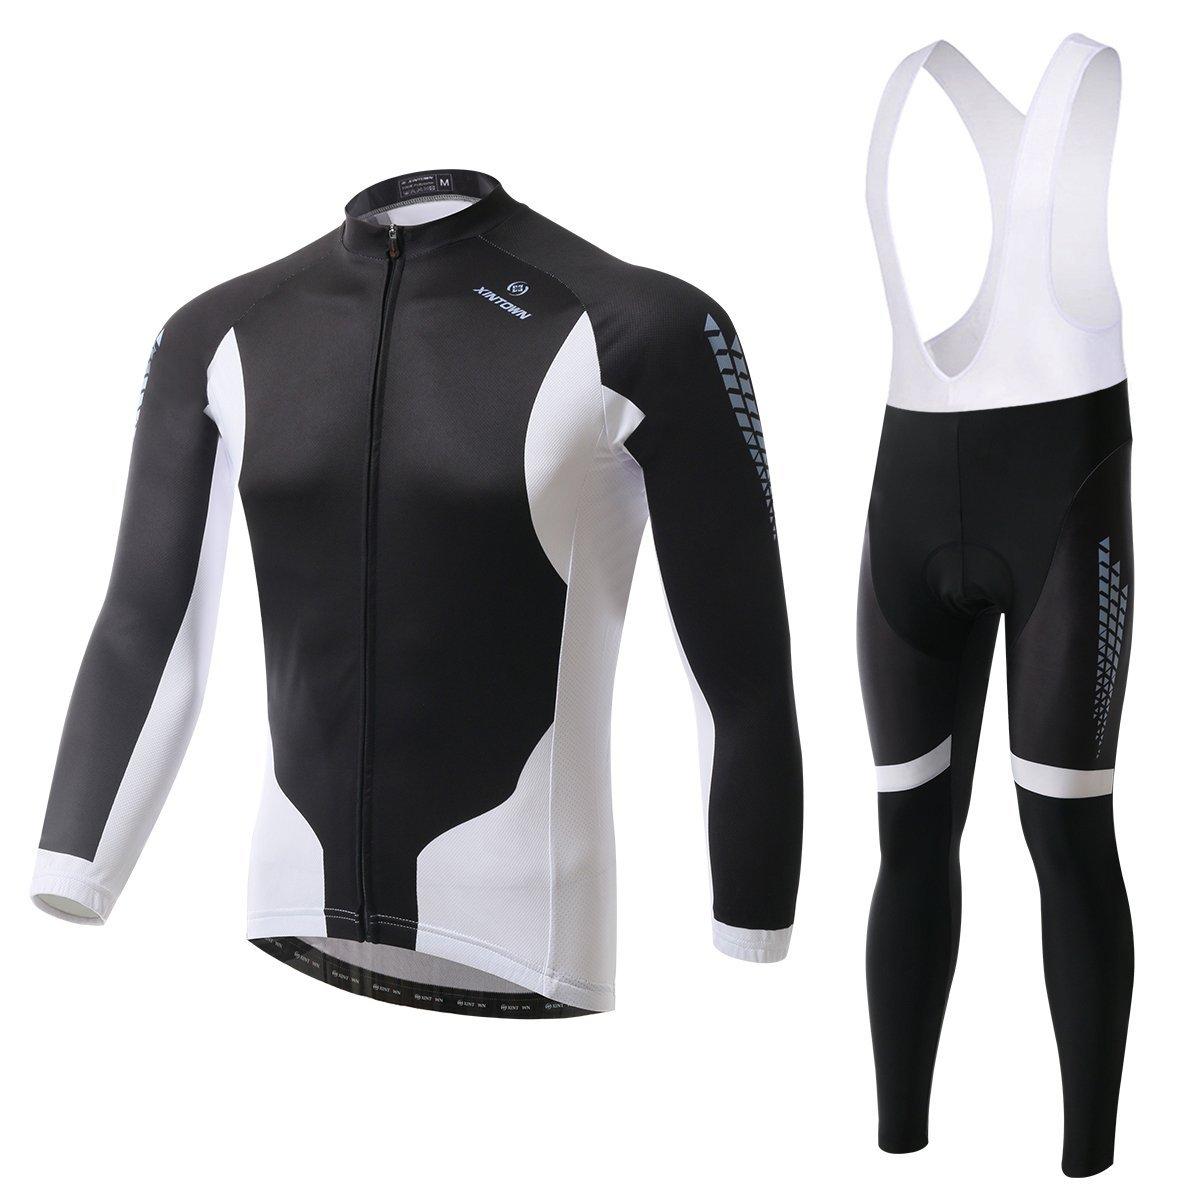 besylユニセックス長袖サイクリングジャージーとよだれかけパッド入りパンツスーツ(ブラックホワイト) B018G5W2YW M (US S)|Fleece-Bib-Long-Set Fleece-Bib-Long-Set M (US S)